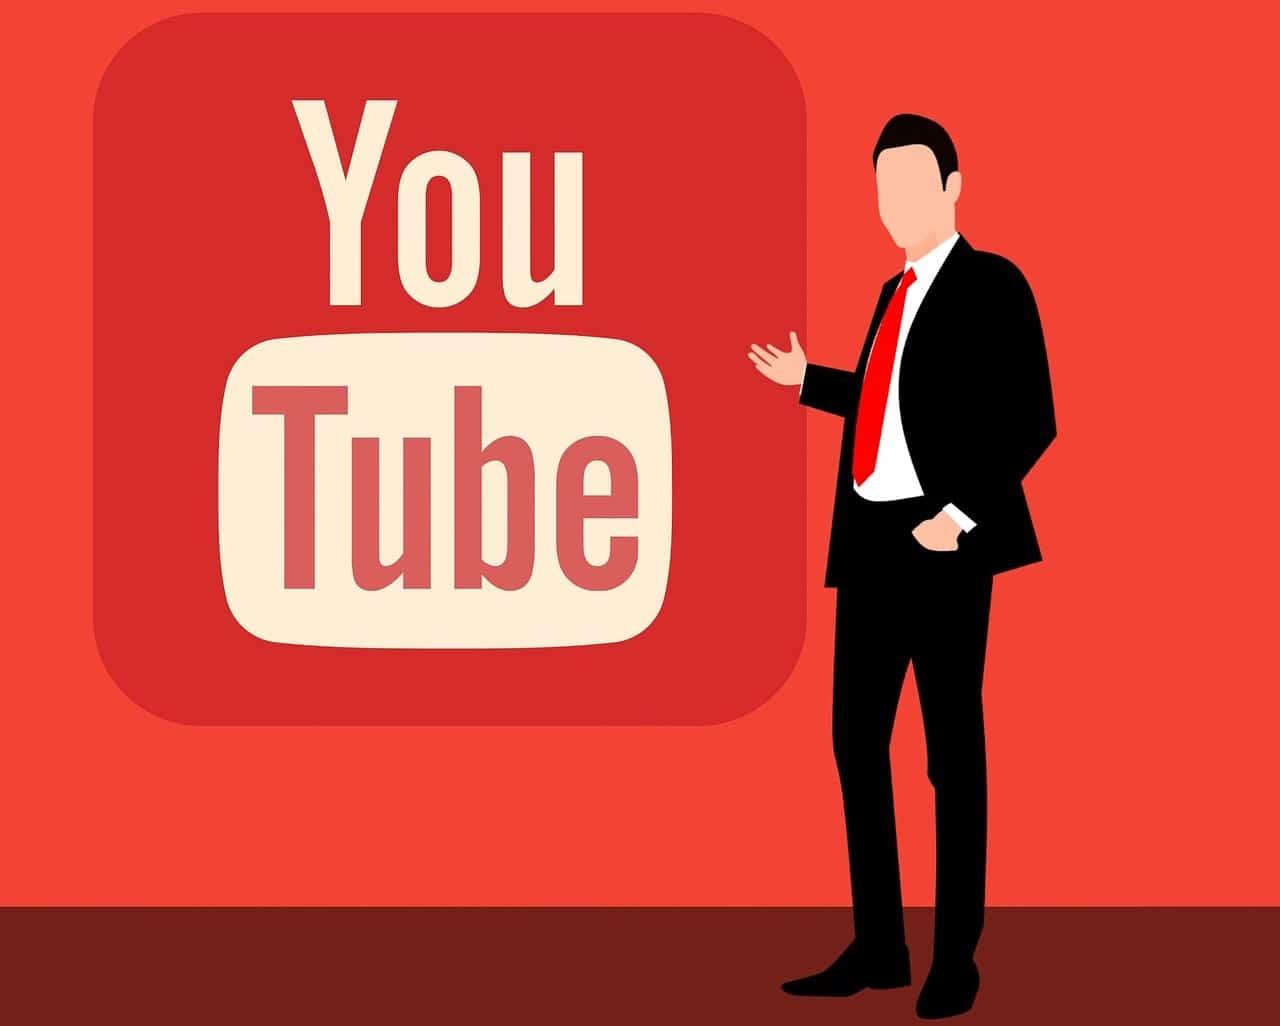 Un canal de YouTube, se puede emprender con poco dinero.